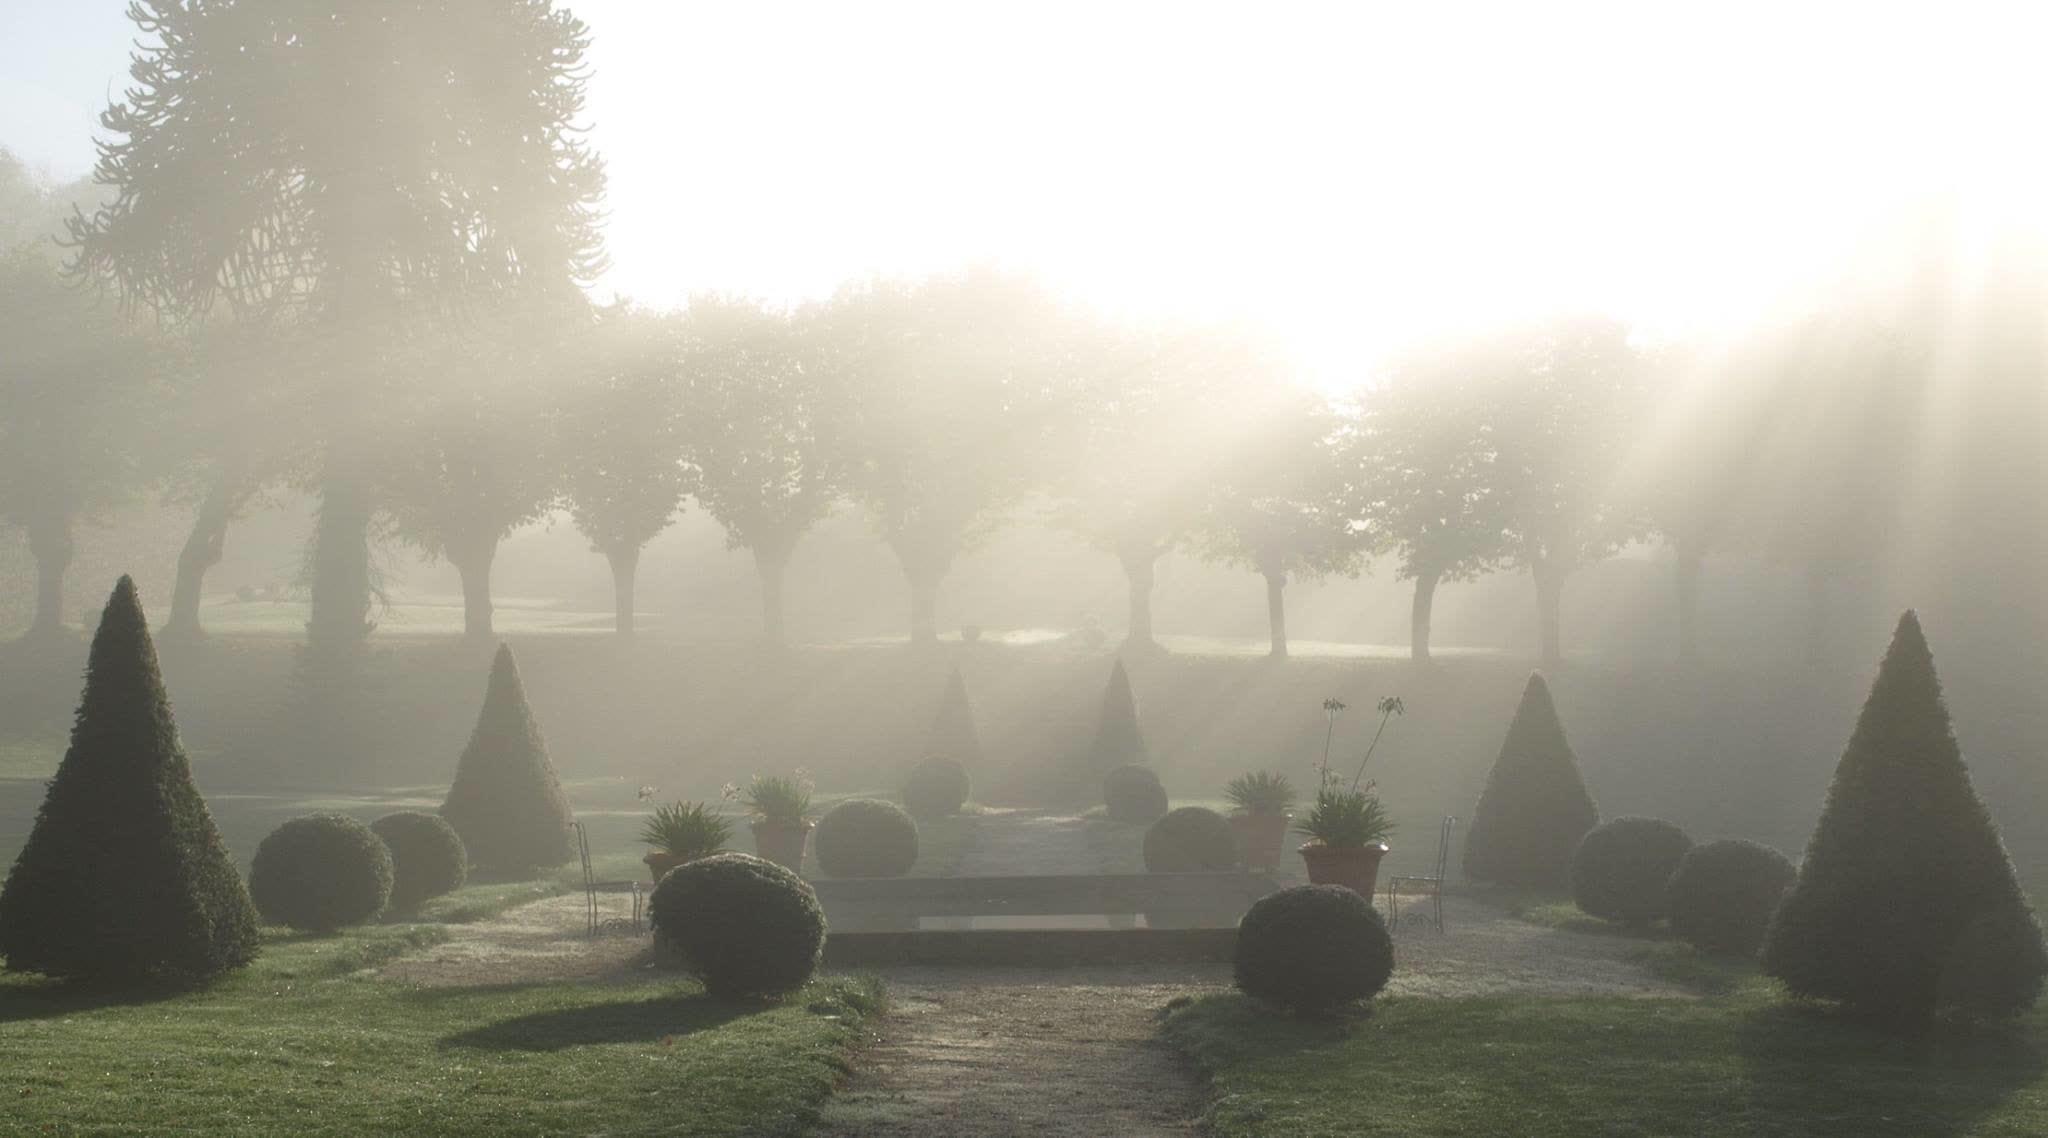 Chateau de la Pommeraye - salle - receptions - mariages - anniversaires - communions - baptemes - normandie - calvados - orne 9.jpg